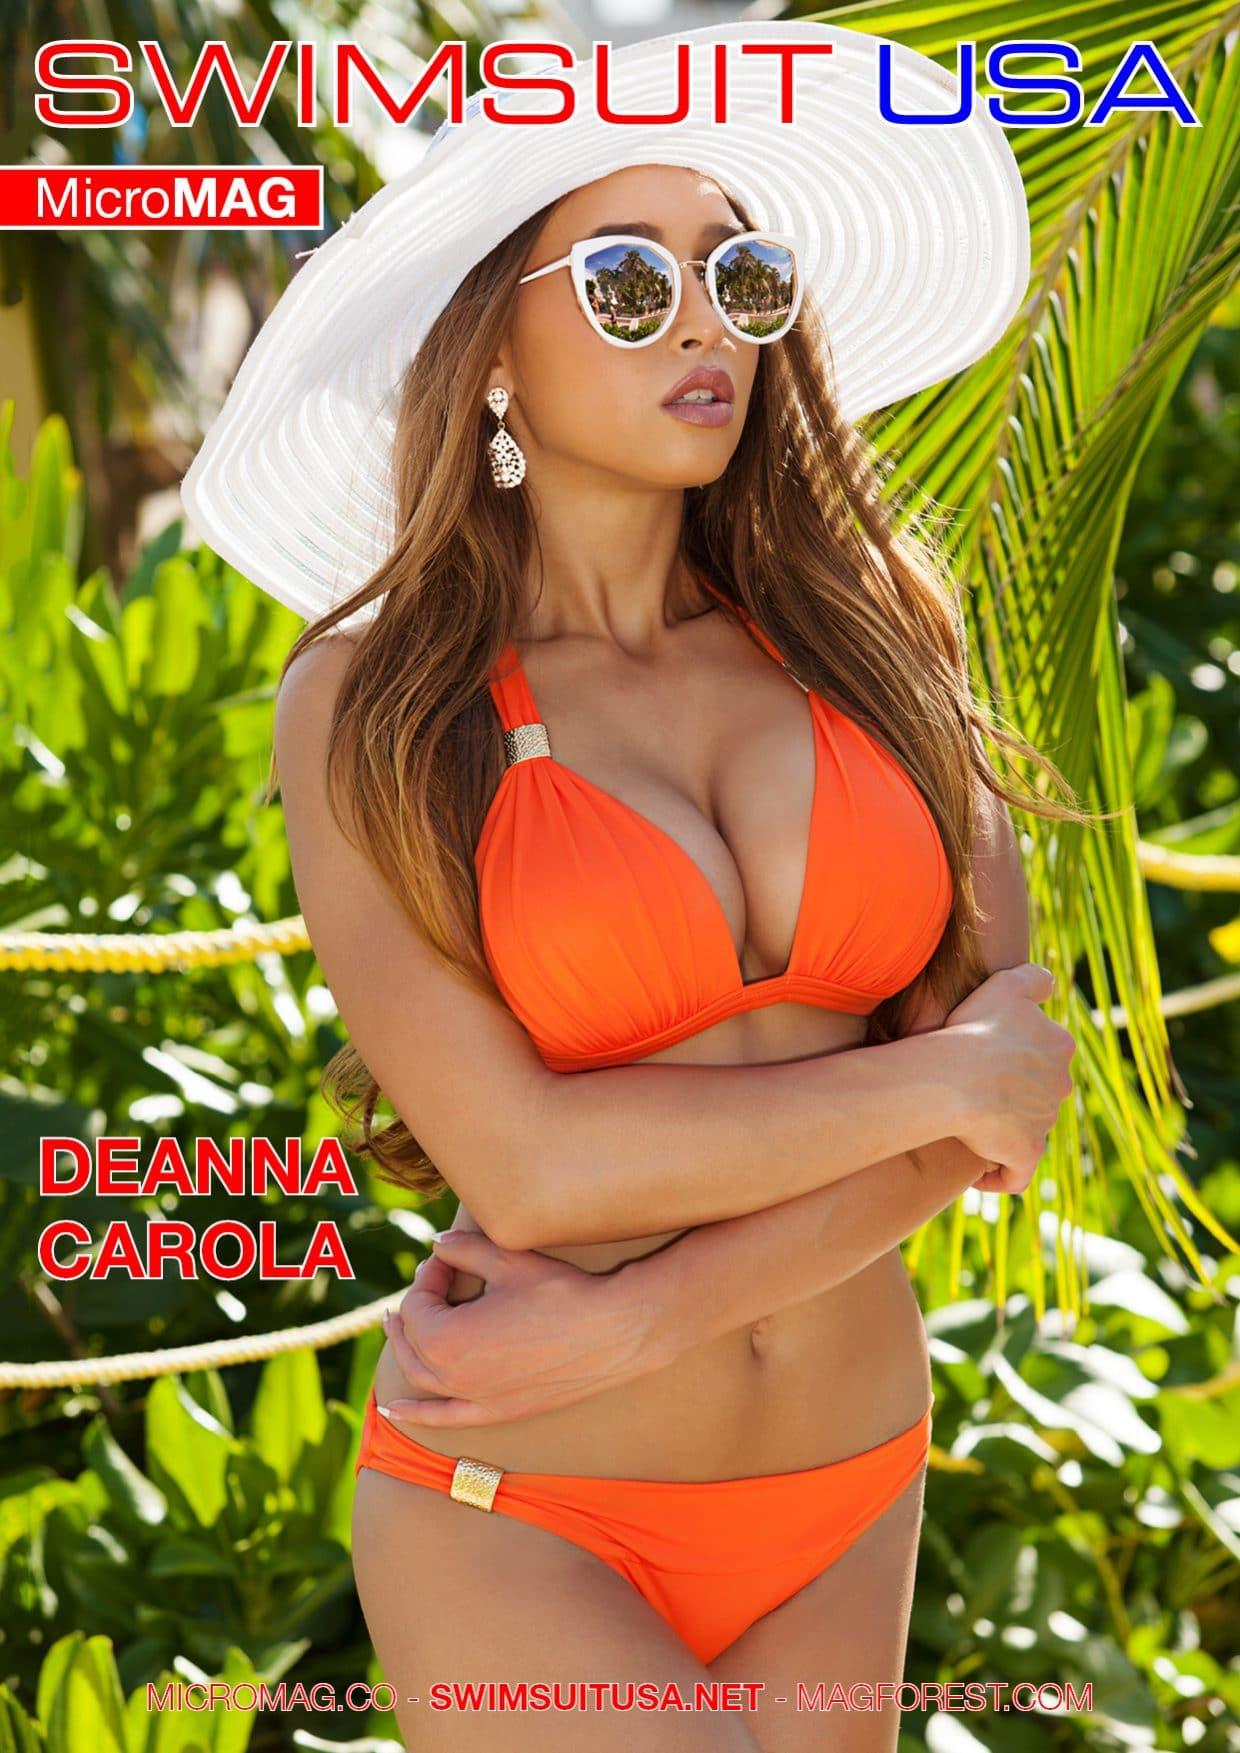 Swimsuit USA MicroMAG - Deanna Carola 1